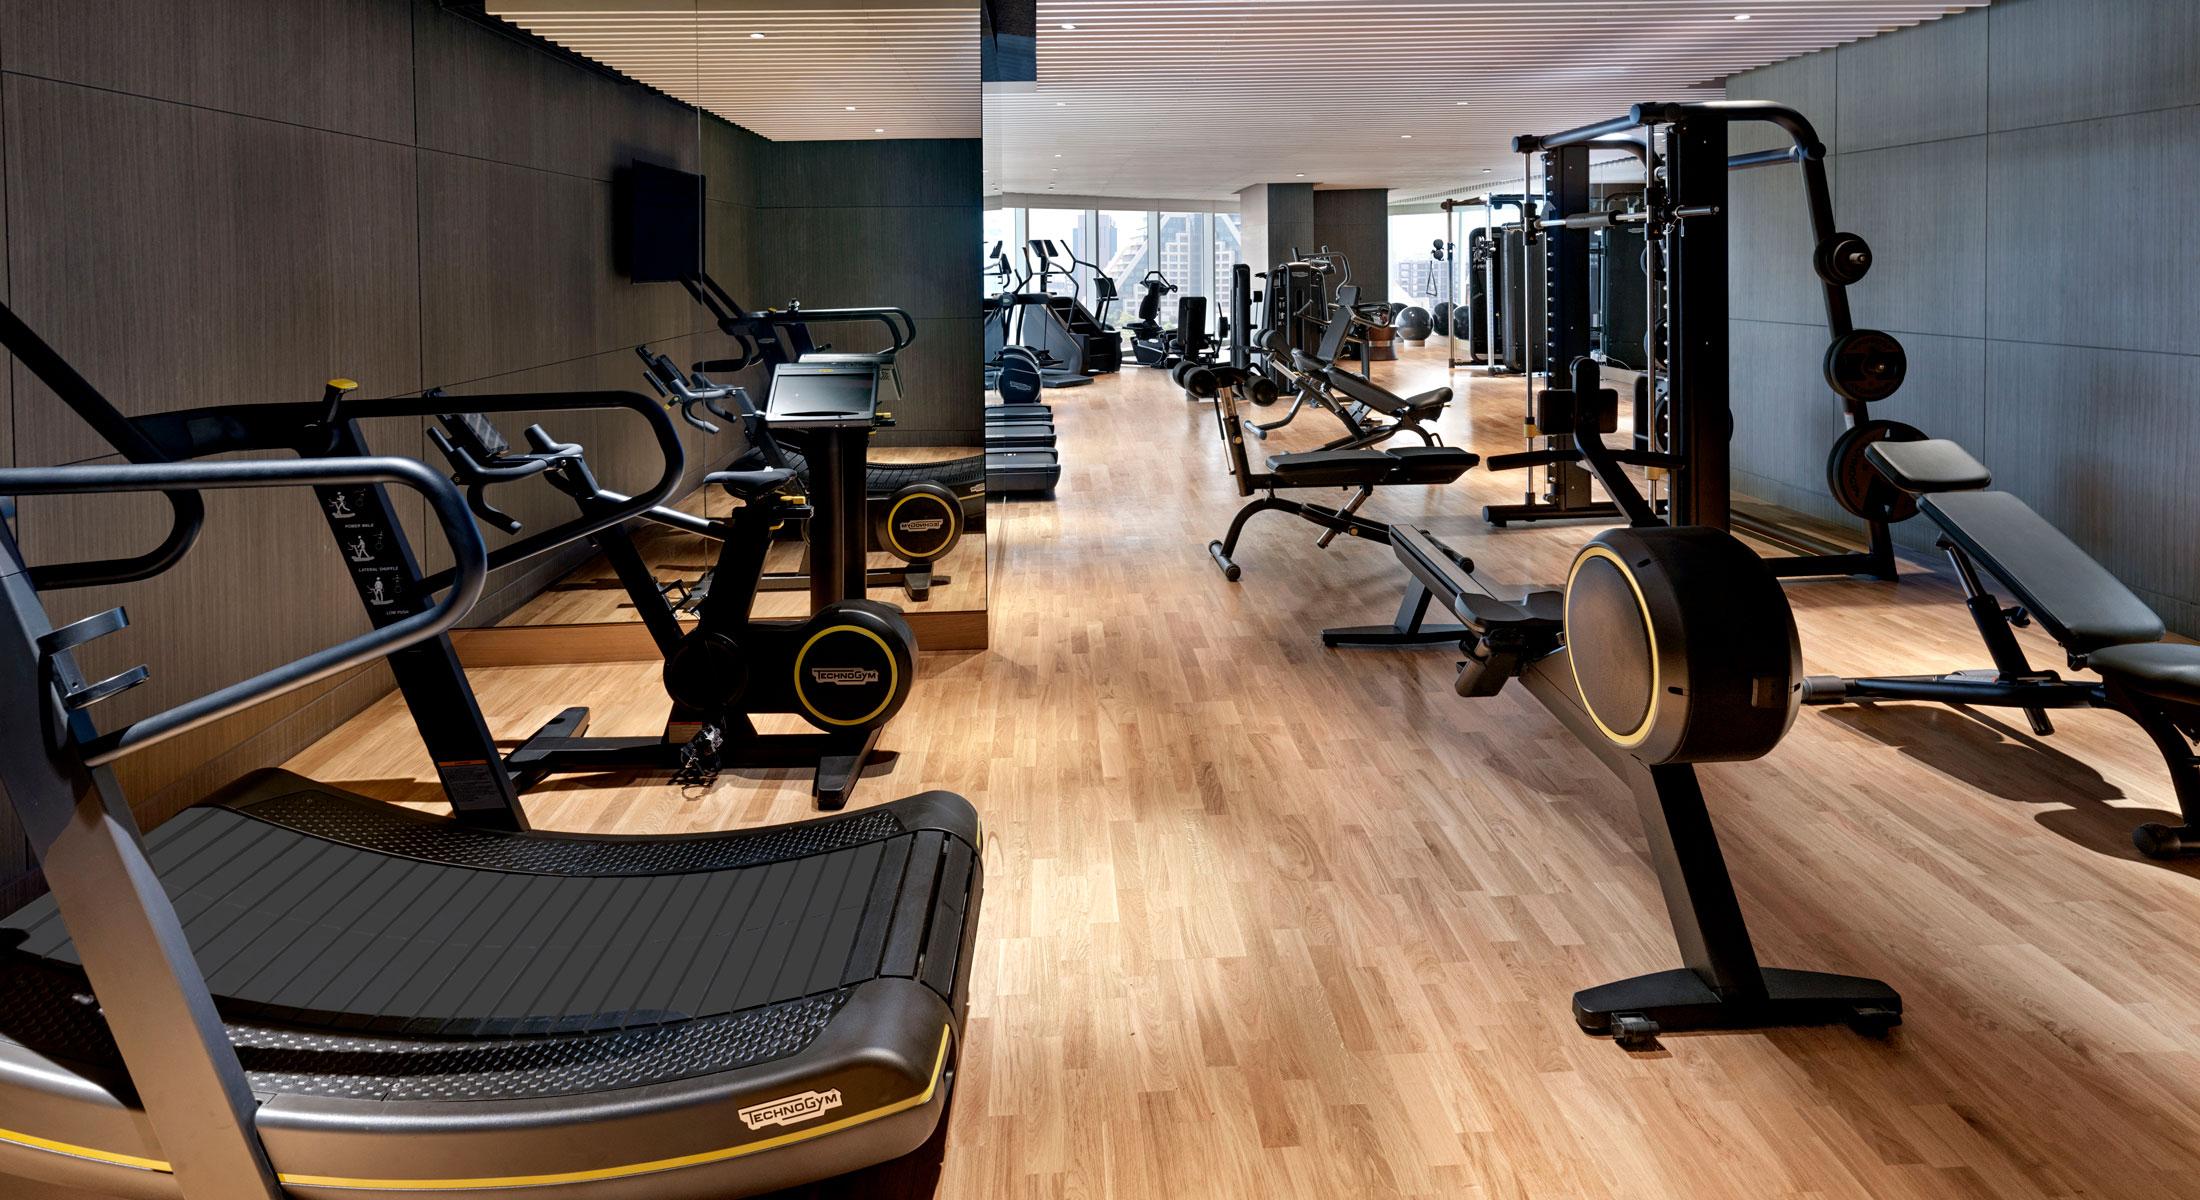 sofitel-fitness-gym